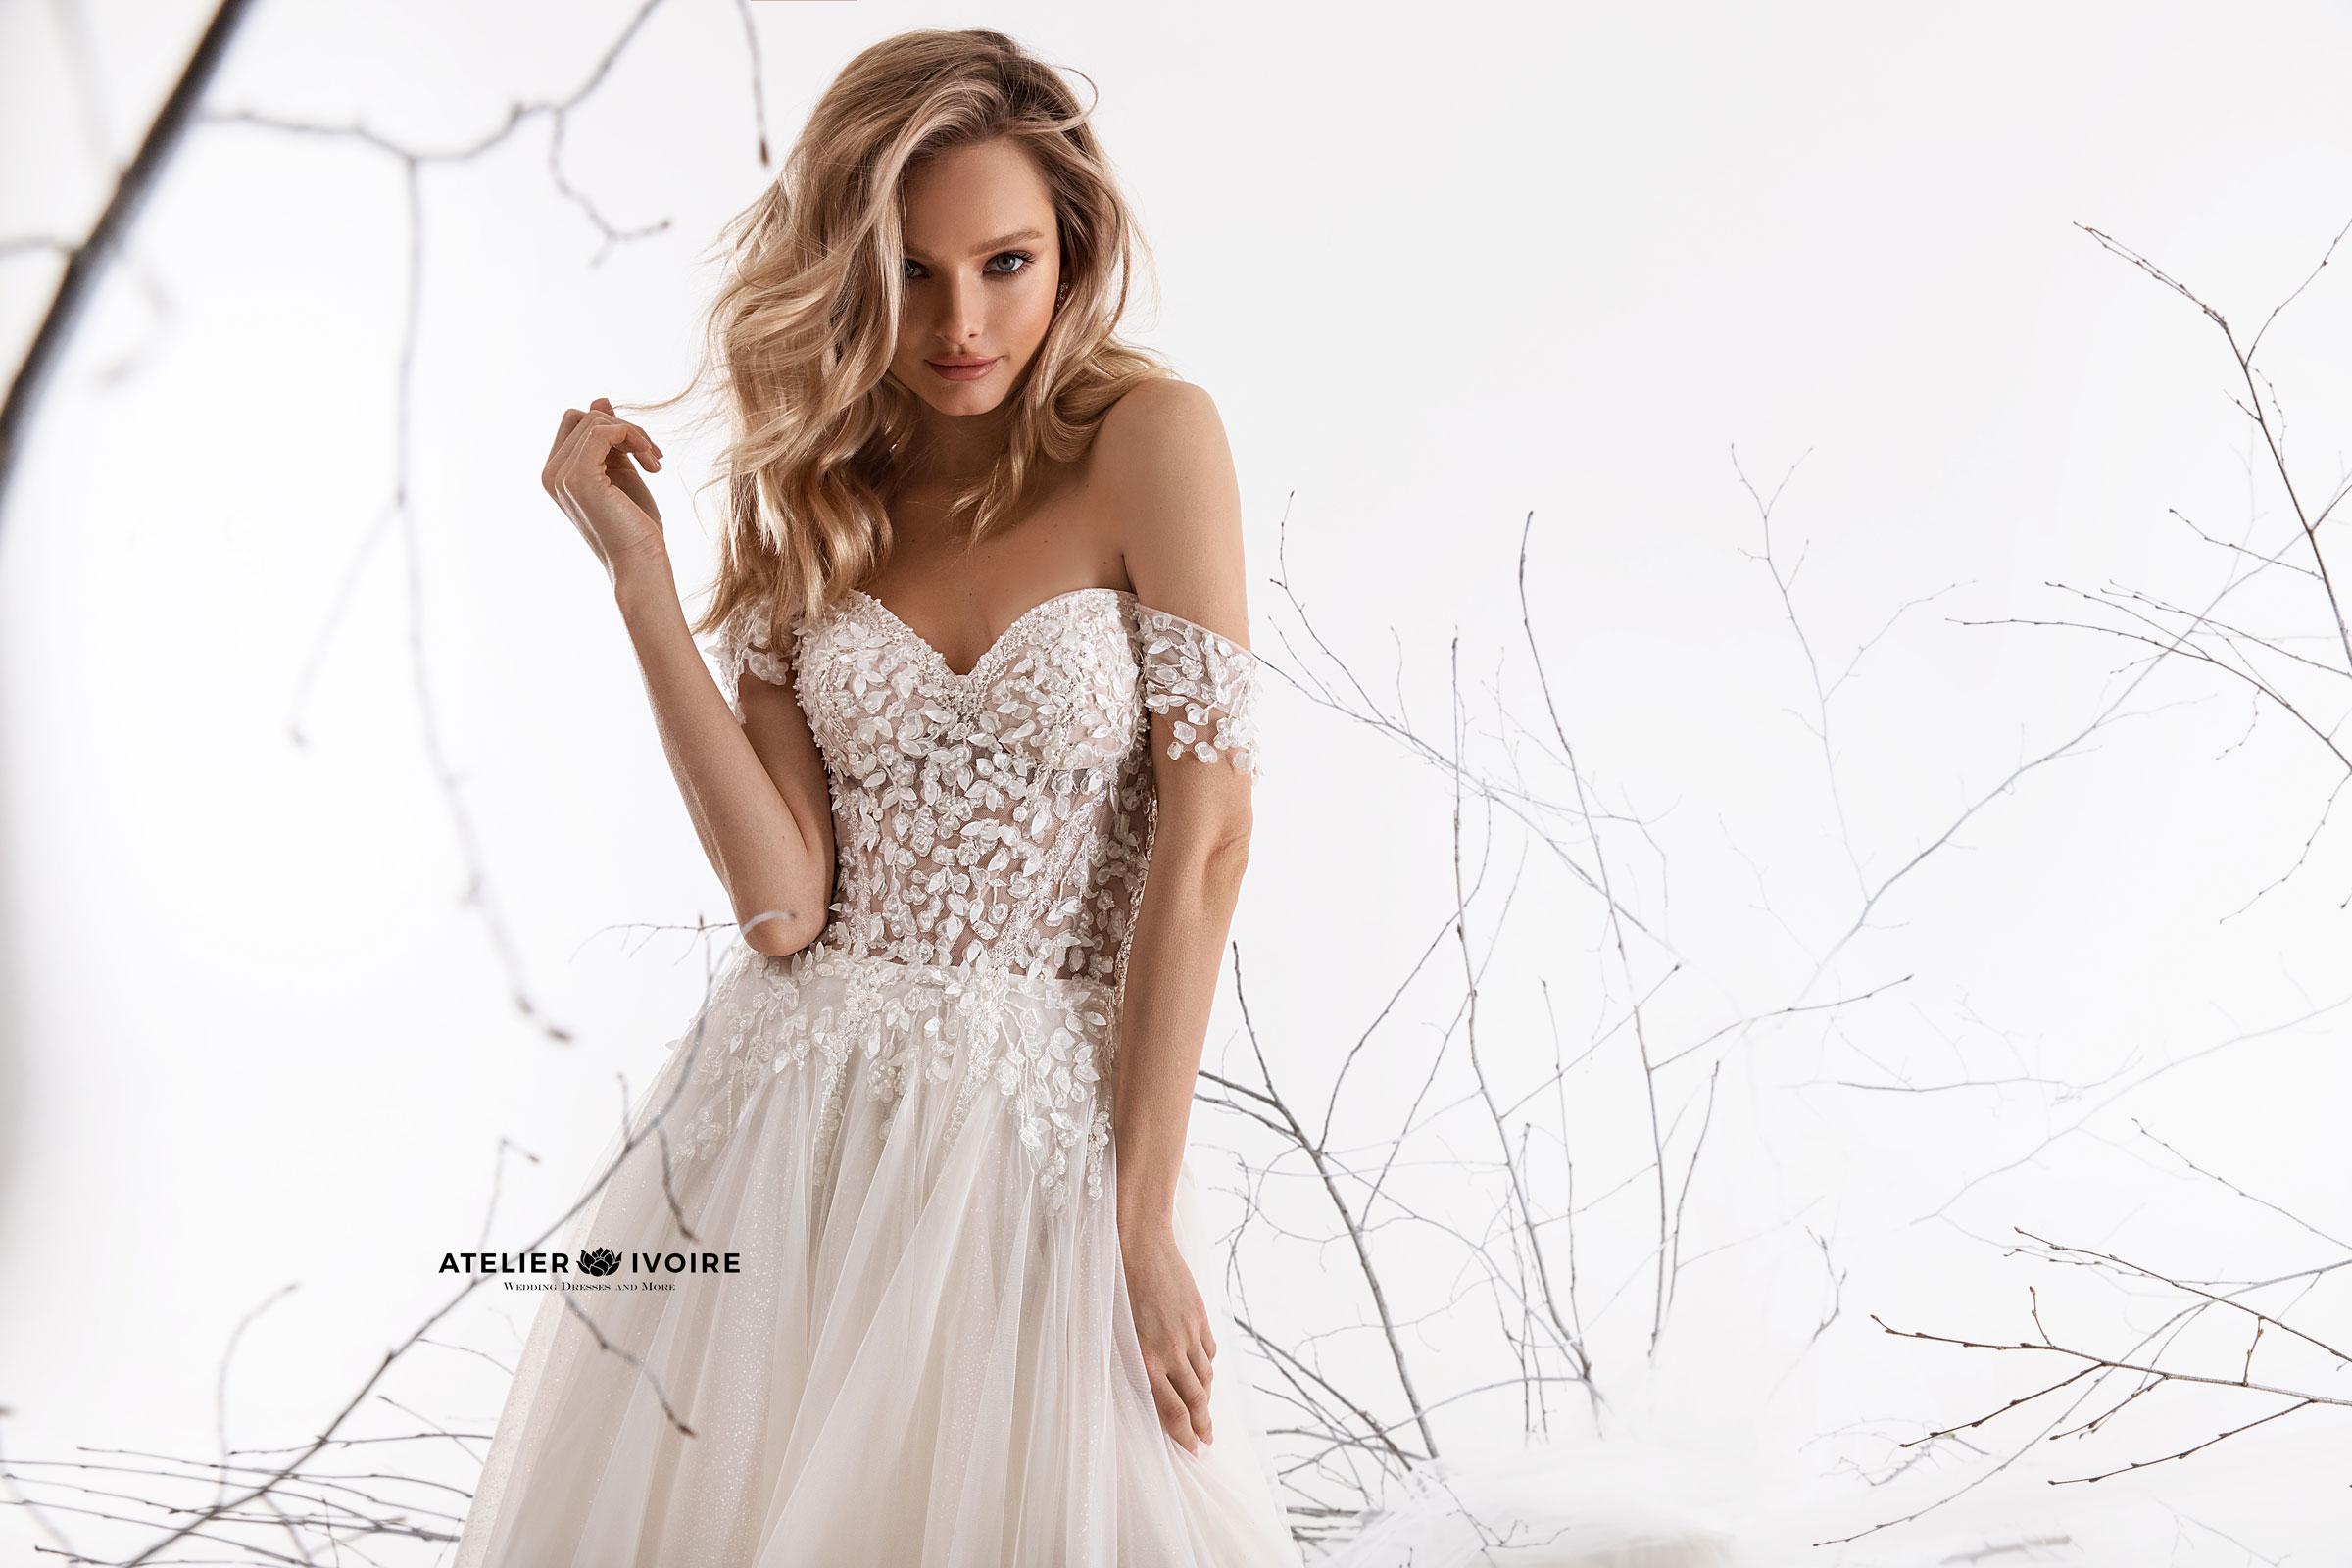 голямото лятно намаление, зашеметяваща сватбена рокля от тюл, сватбена рокля, булчинска рокля, булчински рокли, сватбени рокли, булчински рокли с ръкави, булченски рокли, булчински рокли с дантела, булчински рокли с гол гръб, обемни булчински рокли, булчински рокли принцеса, цветни булчински рокли, евтини булчински рокли, бели булчински рокли, булчински рокли 2020, сватбени рокли 2020, колекции 2020, сватбени рокли софия, булчински рокли софия, сватбени рокли цени, булчински рокли цени